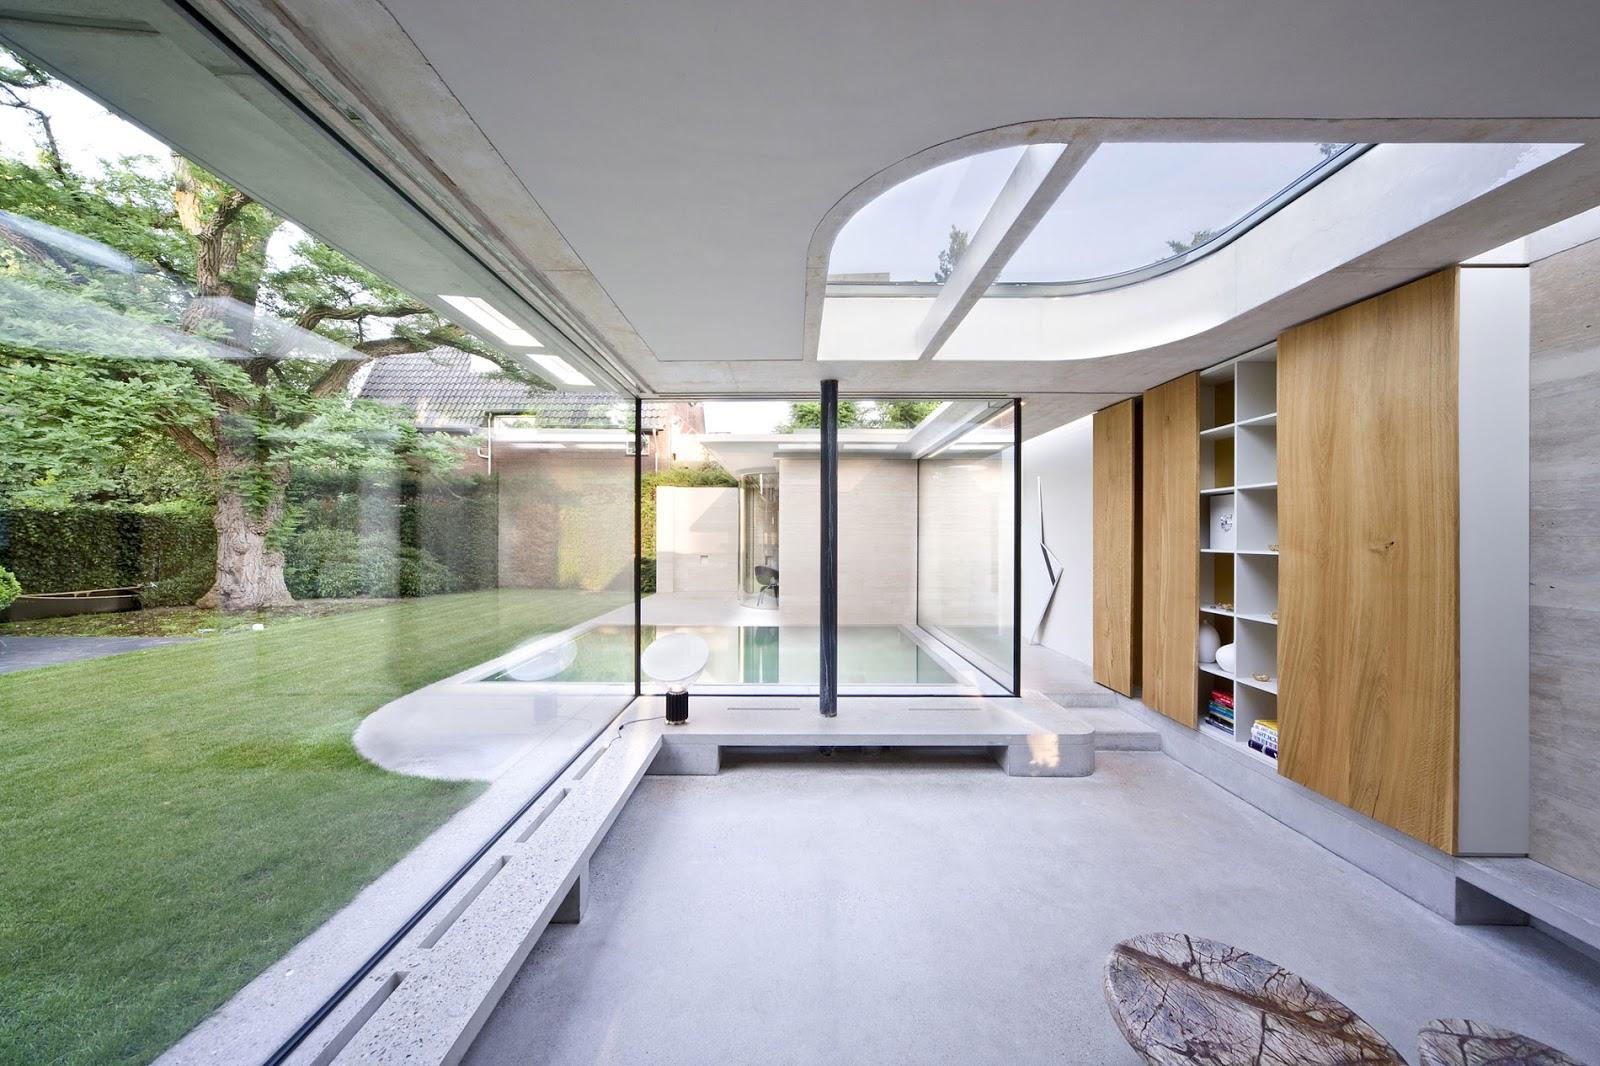 Contemporary Glass Bathroom